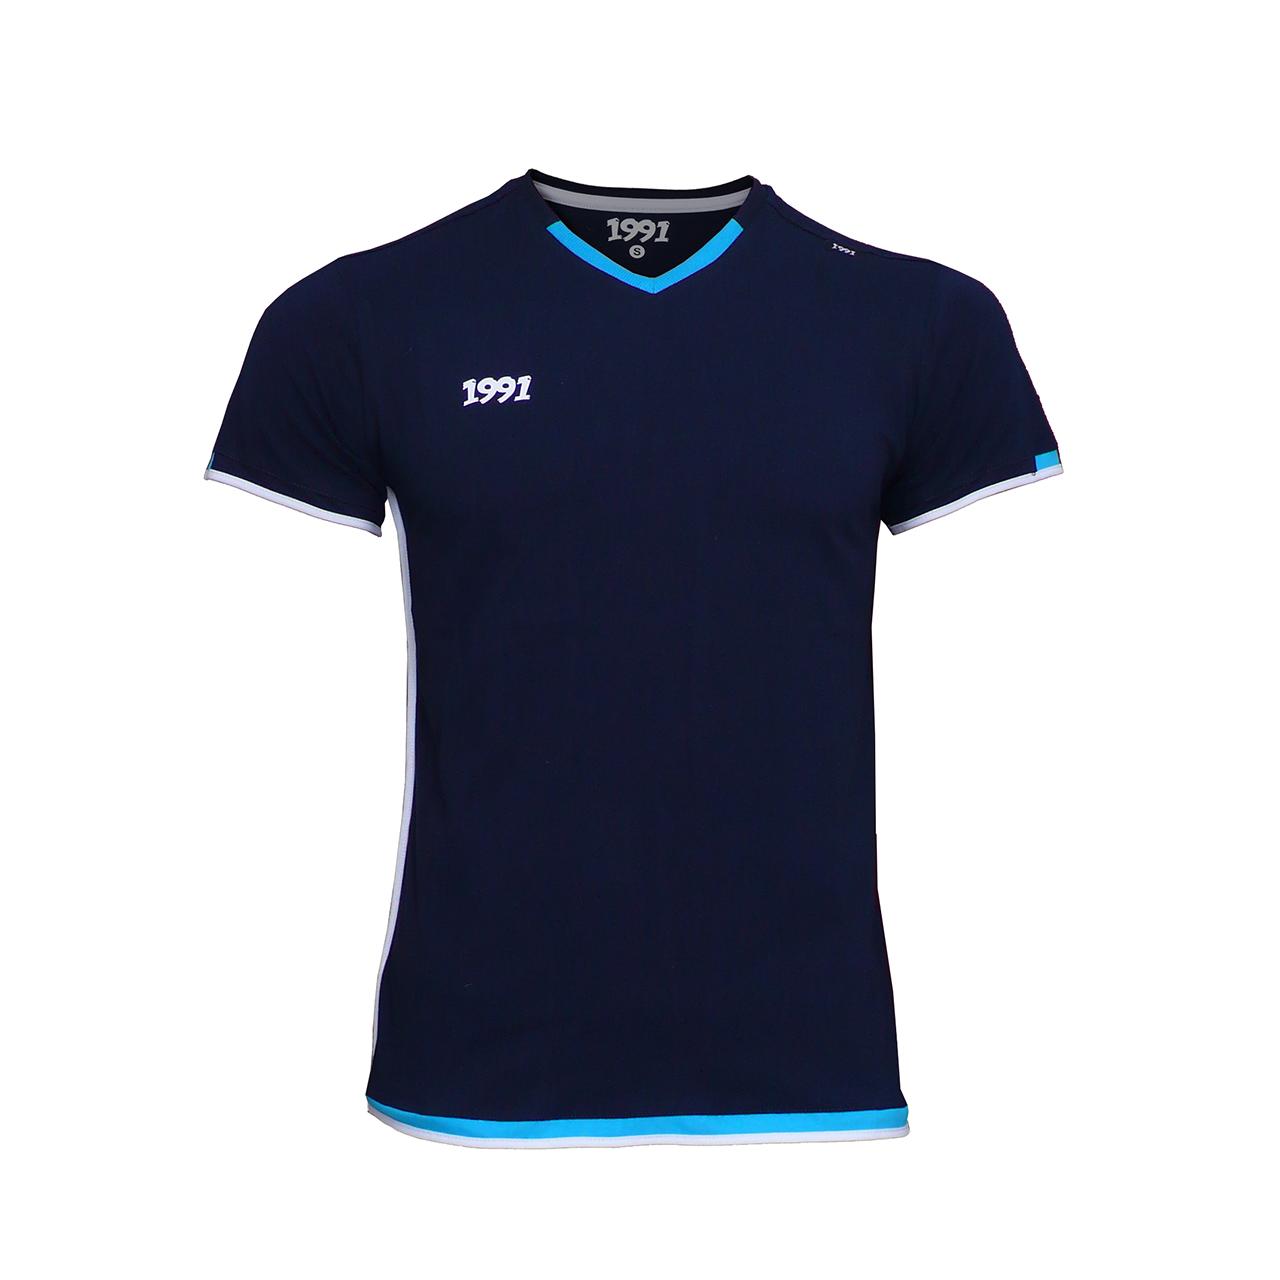 تی شرت مردانه 1991 اس دبلیو مدل Dia Navyblue